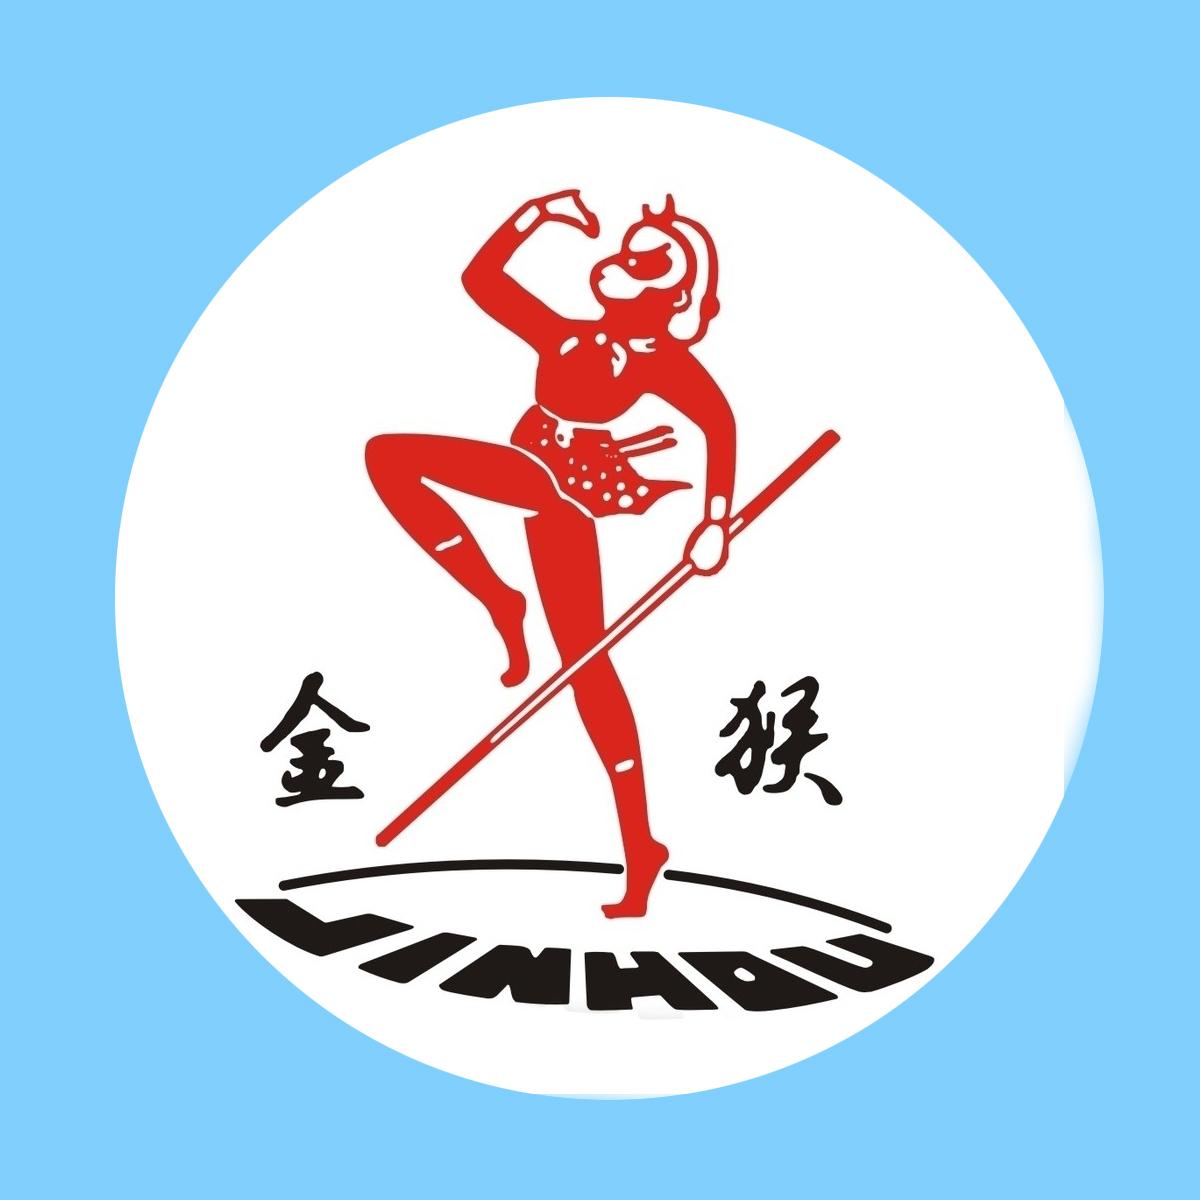 logo 标识 标志 设计 矢量 矢量图 素材 图标 1200_1200